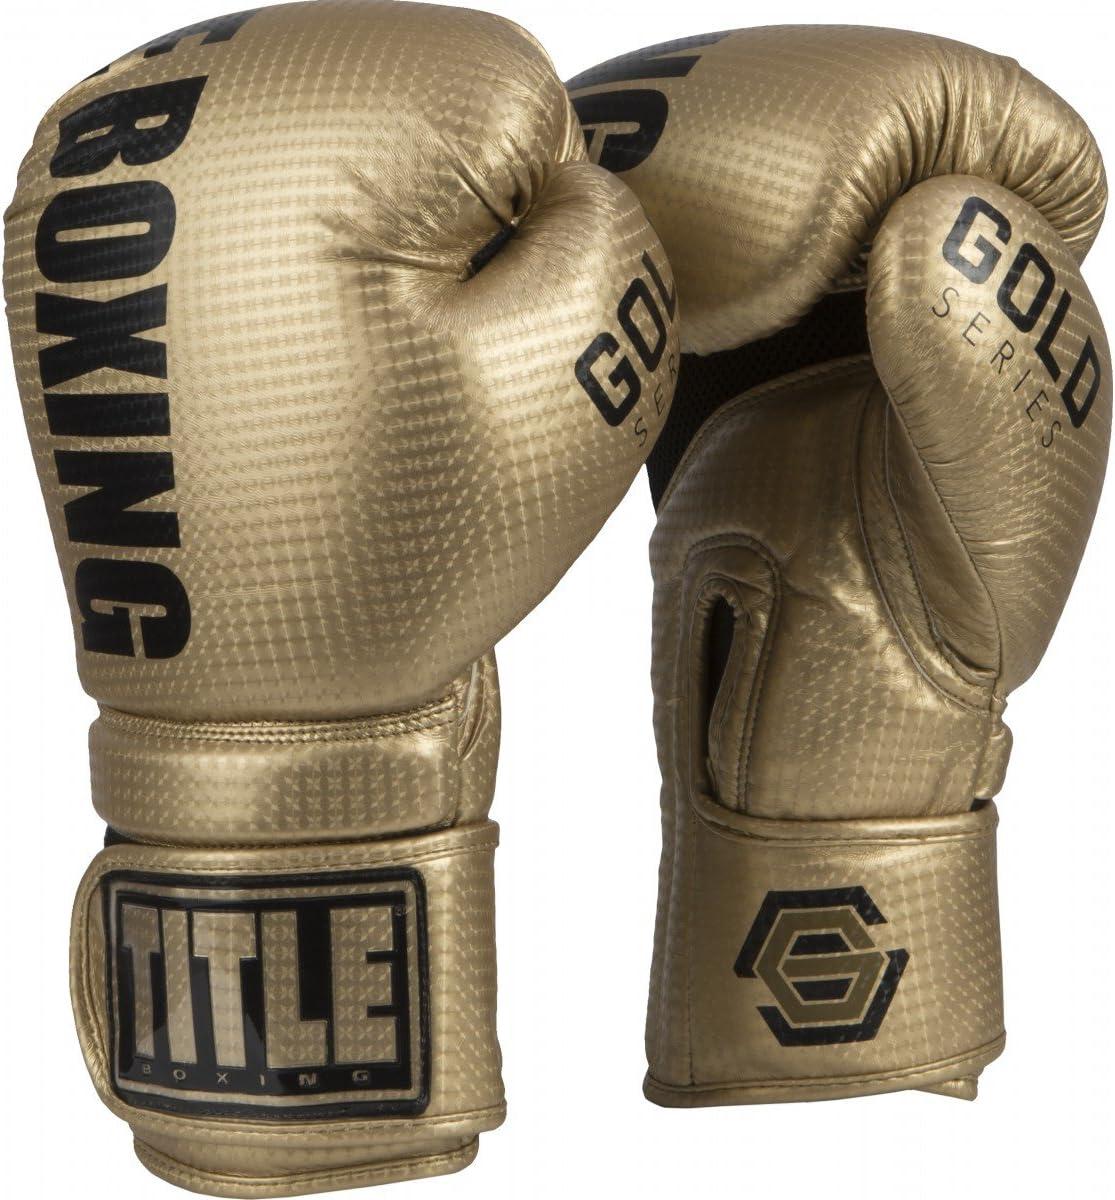 タイトルゴールドシリーズSurpassバッグ手袋 ゴールド 16 oz